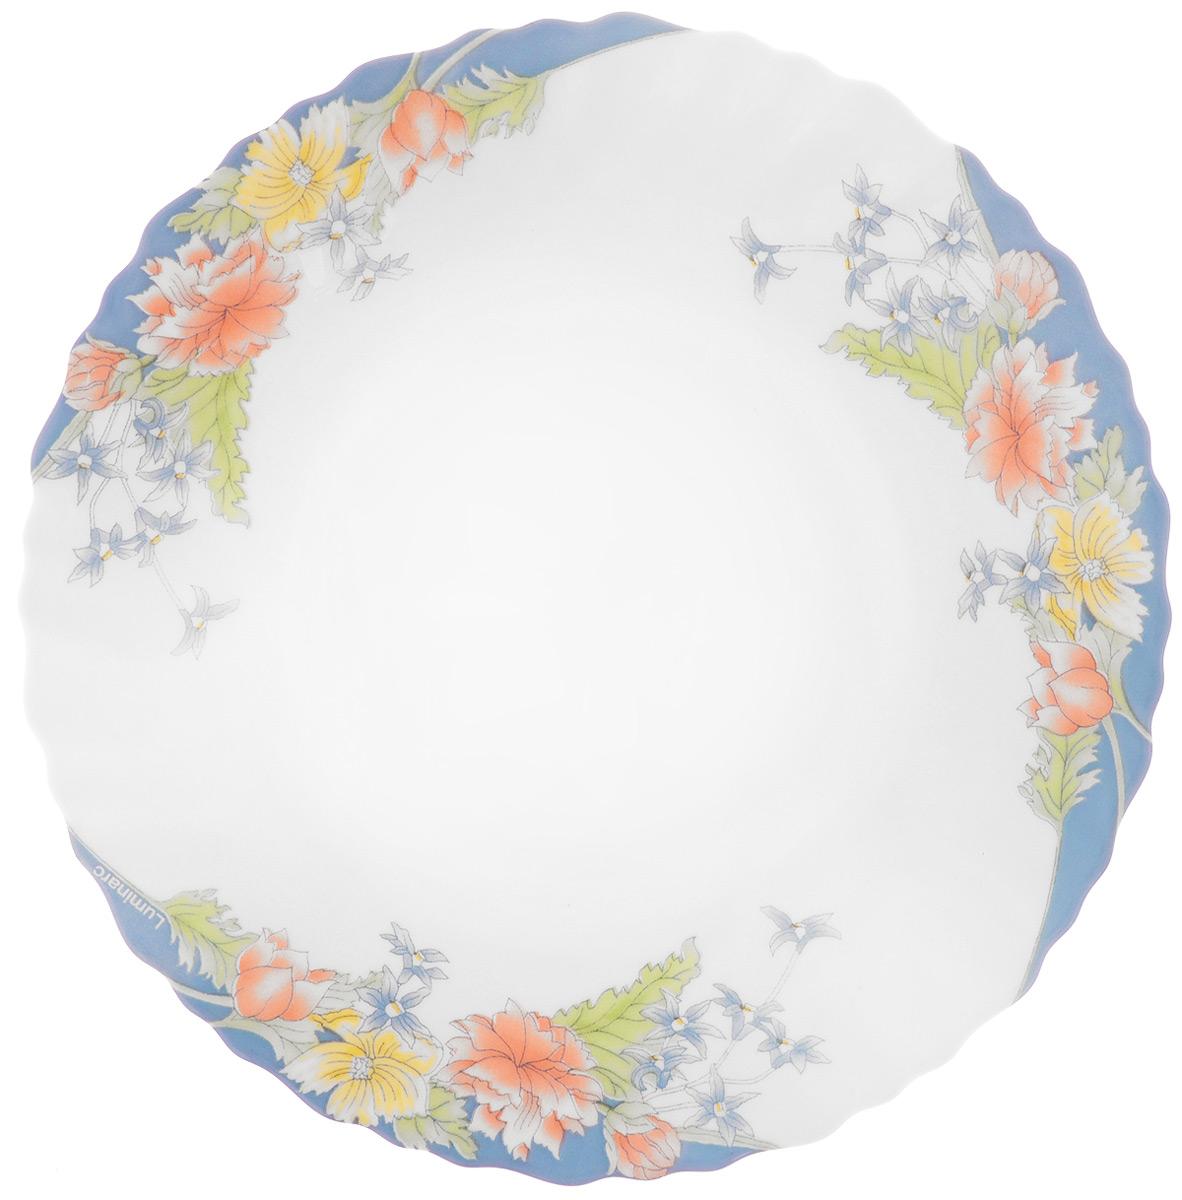 Тарелка десертная Luminarc Florine, диаметр 19 смH4270Десертная тарелка Luminarc Florine, изготовленная из ударопрочного стекла, декорирована красочным цветочным изображением. Такая тарелка прекрасно подходит как для торжественных случаев, так и для повседневного использования. Идеальна для подачи десертов, пирожных, тортов и многого другого. Она прекрасно оформит стол и станет отличным дополнением к вашей коллекции кухонной посуды. Можно использовать в СВЧ и мыть в посудомоечной машине. Диаметр тарелки (по верхнему краю): 19 см. Высота тарелки: 1,5 см.